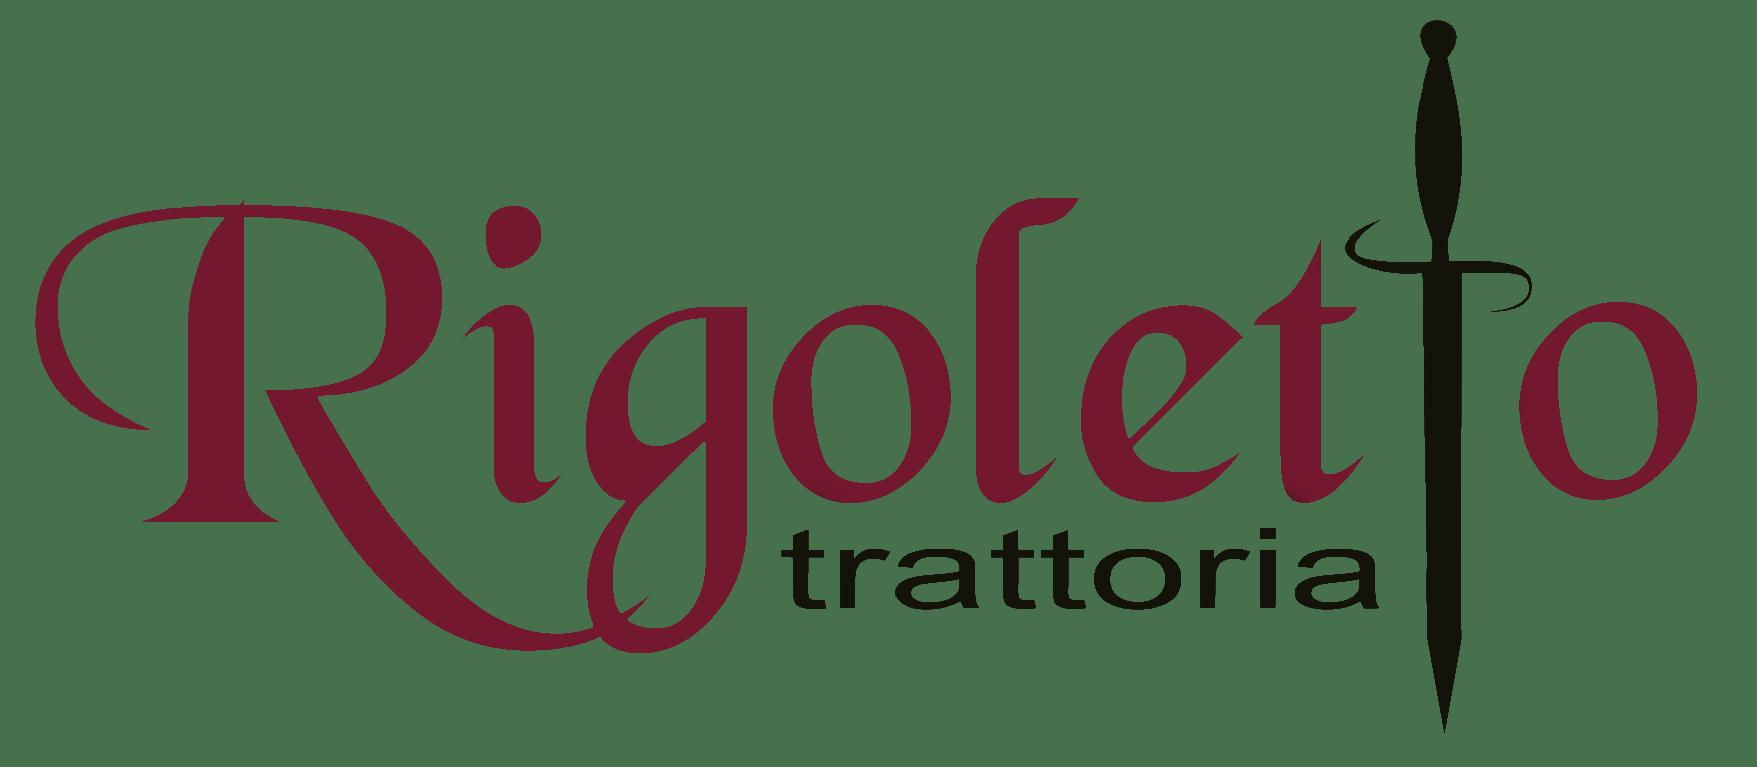 logo-rigoletto-inicio